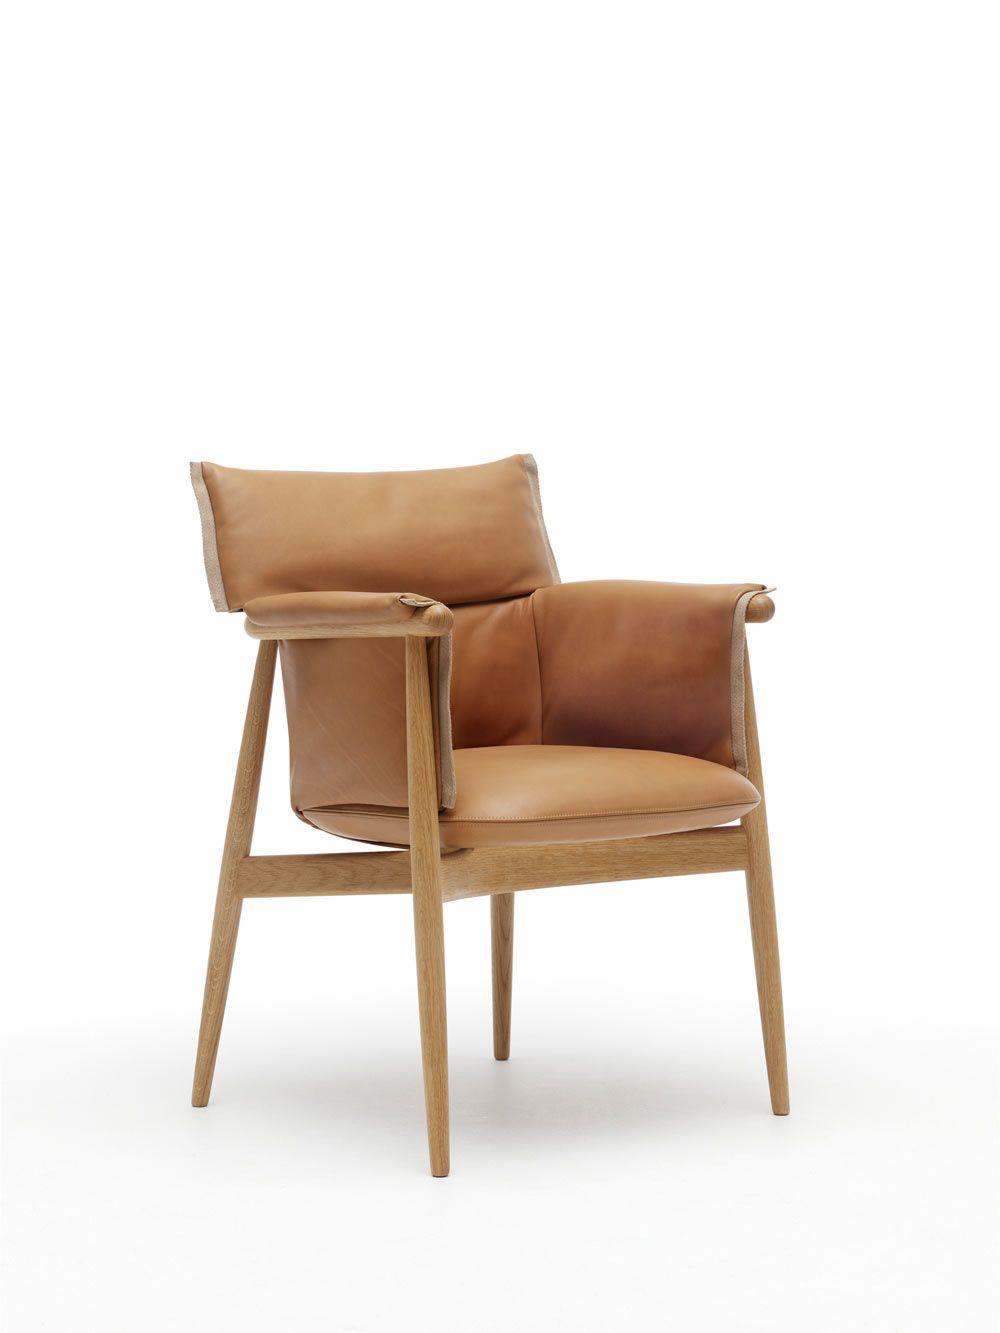 Carl Hansen Son Adds A Lounge Chair Design Milk Lounge Chair Lounge Chair Design Chair